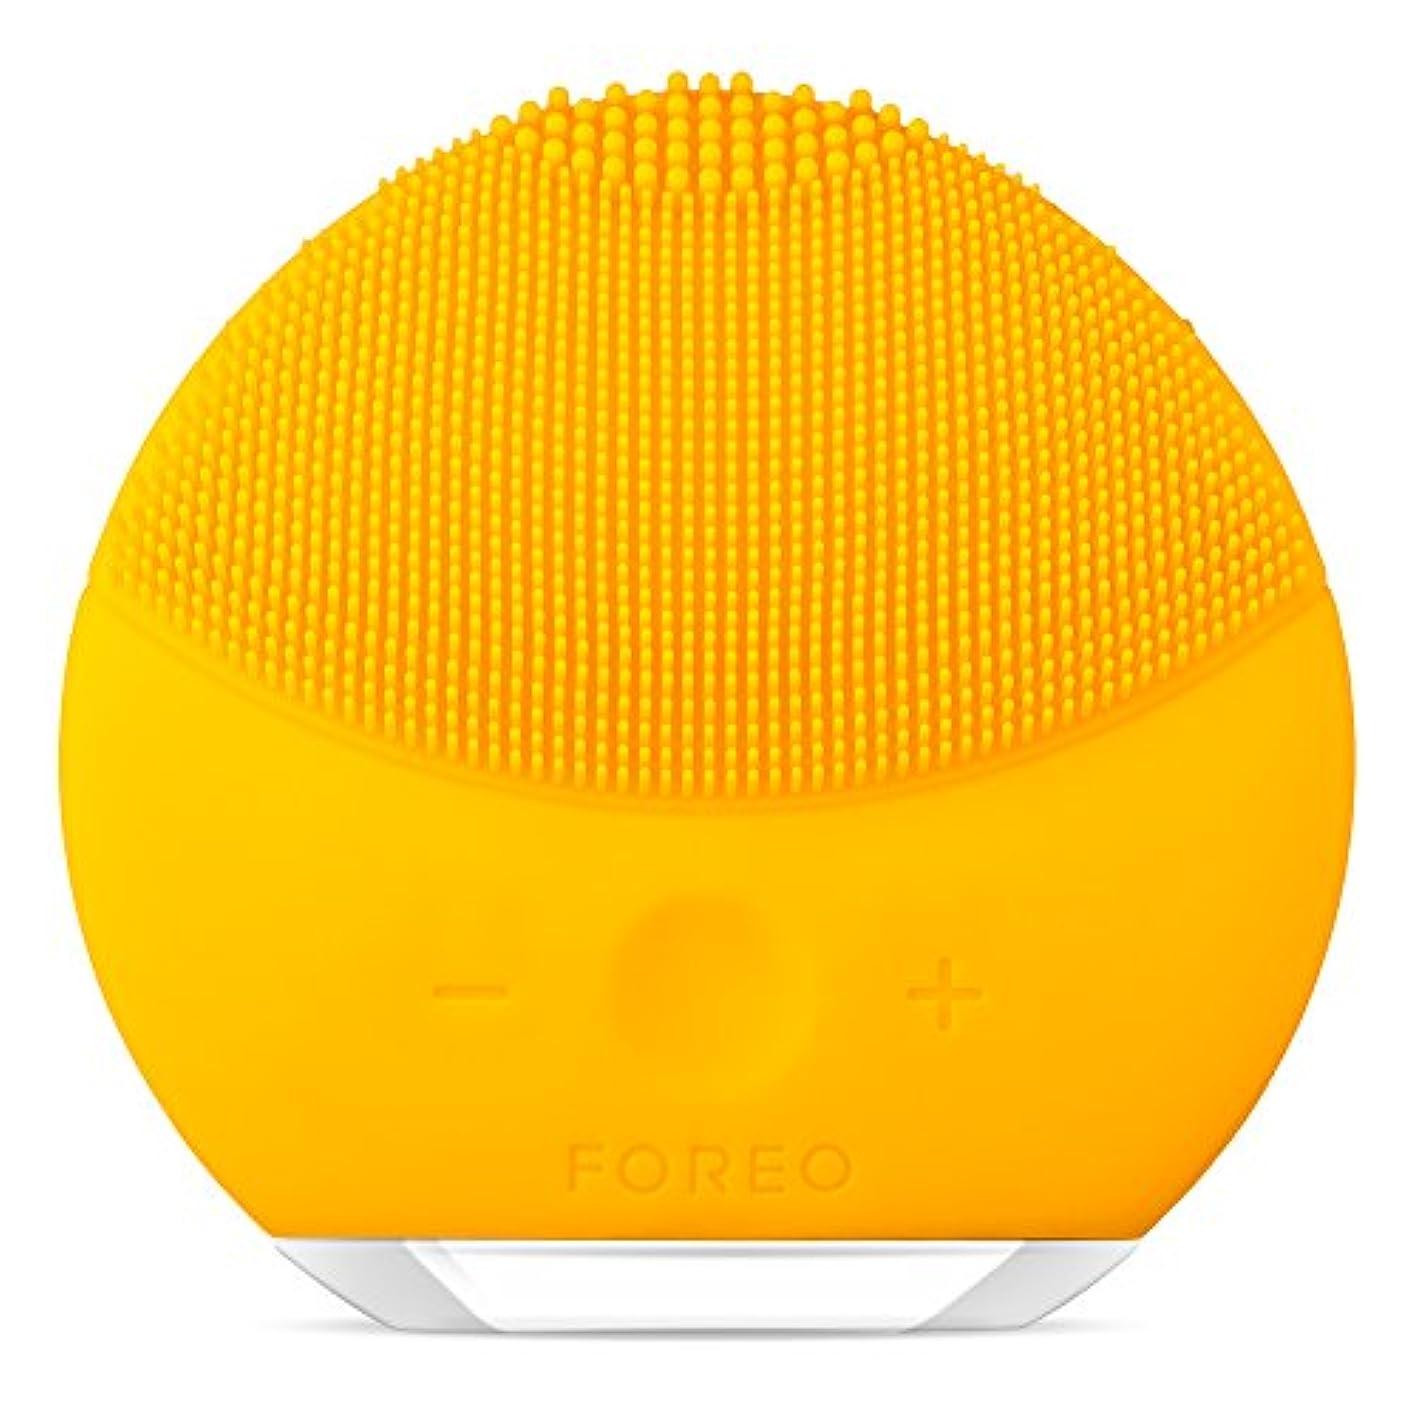 ブラシきしむドラマFOREO LUNA mini 2 サンフラワーイエロー 電動洗顔ブラシ シリコーン製 音波振動